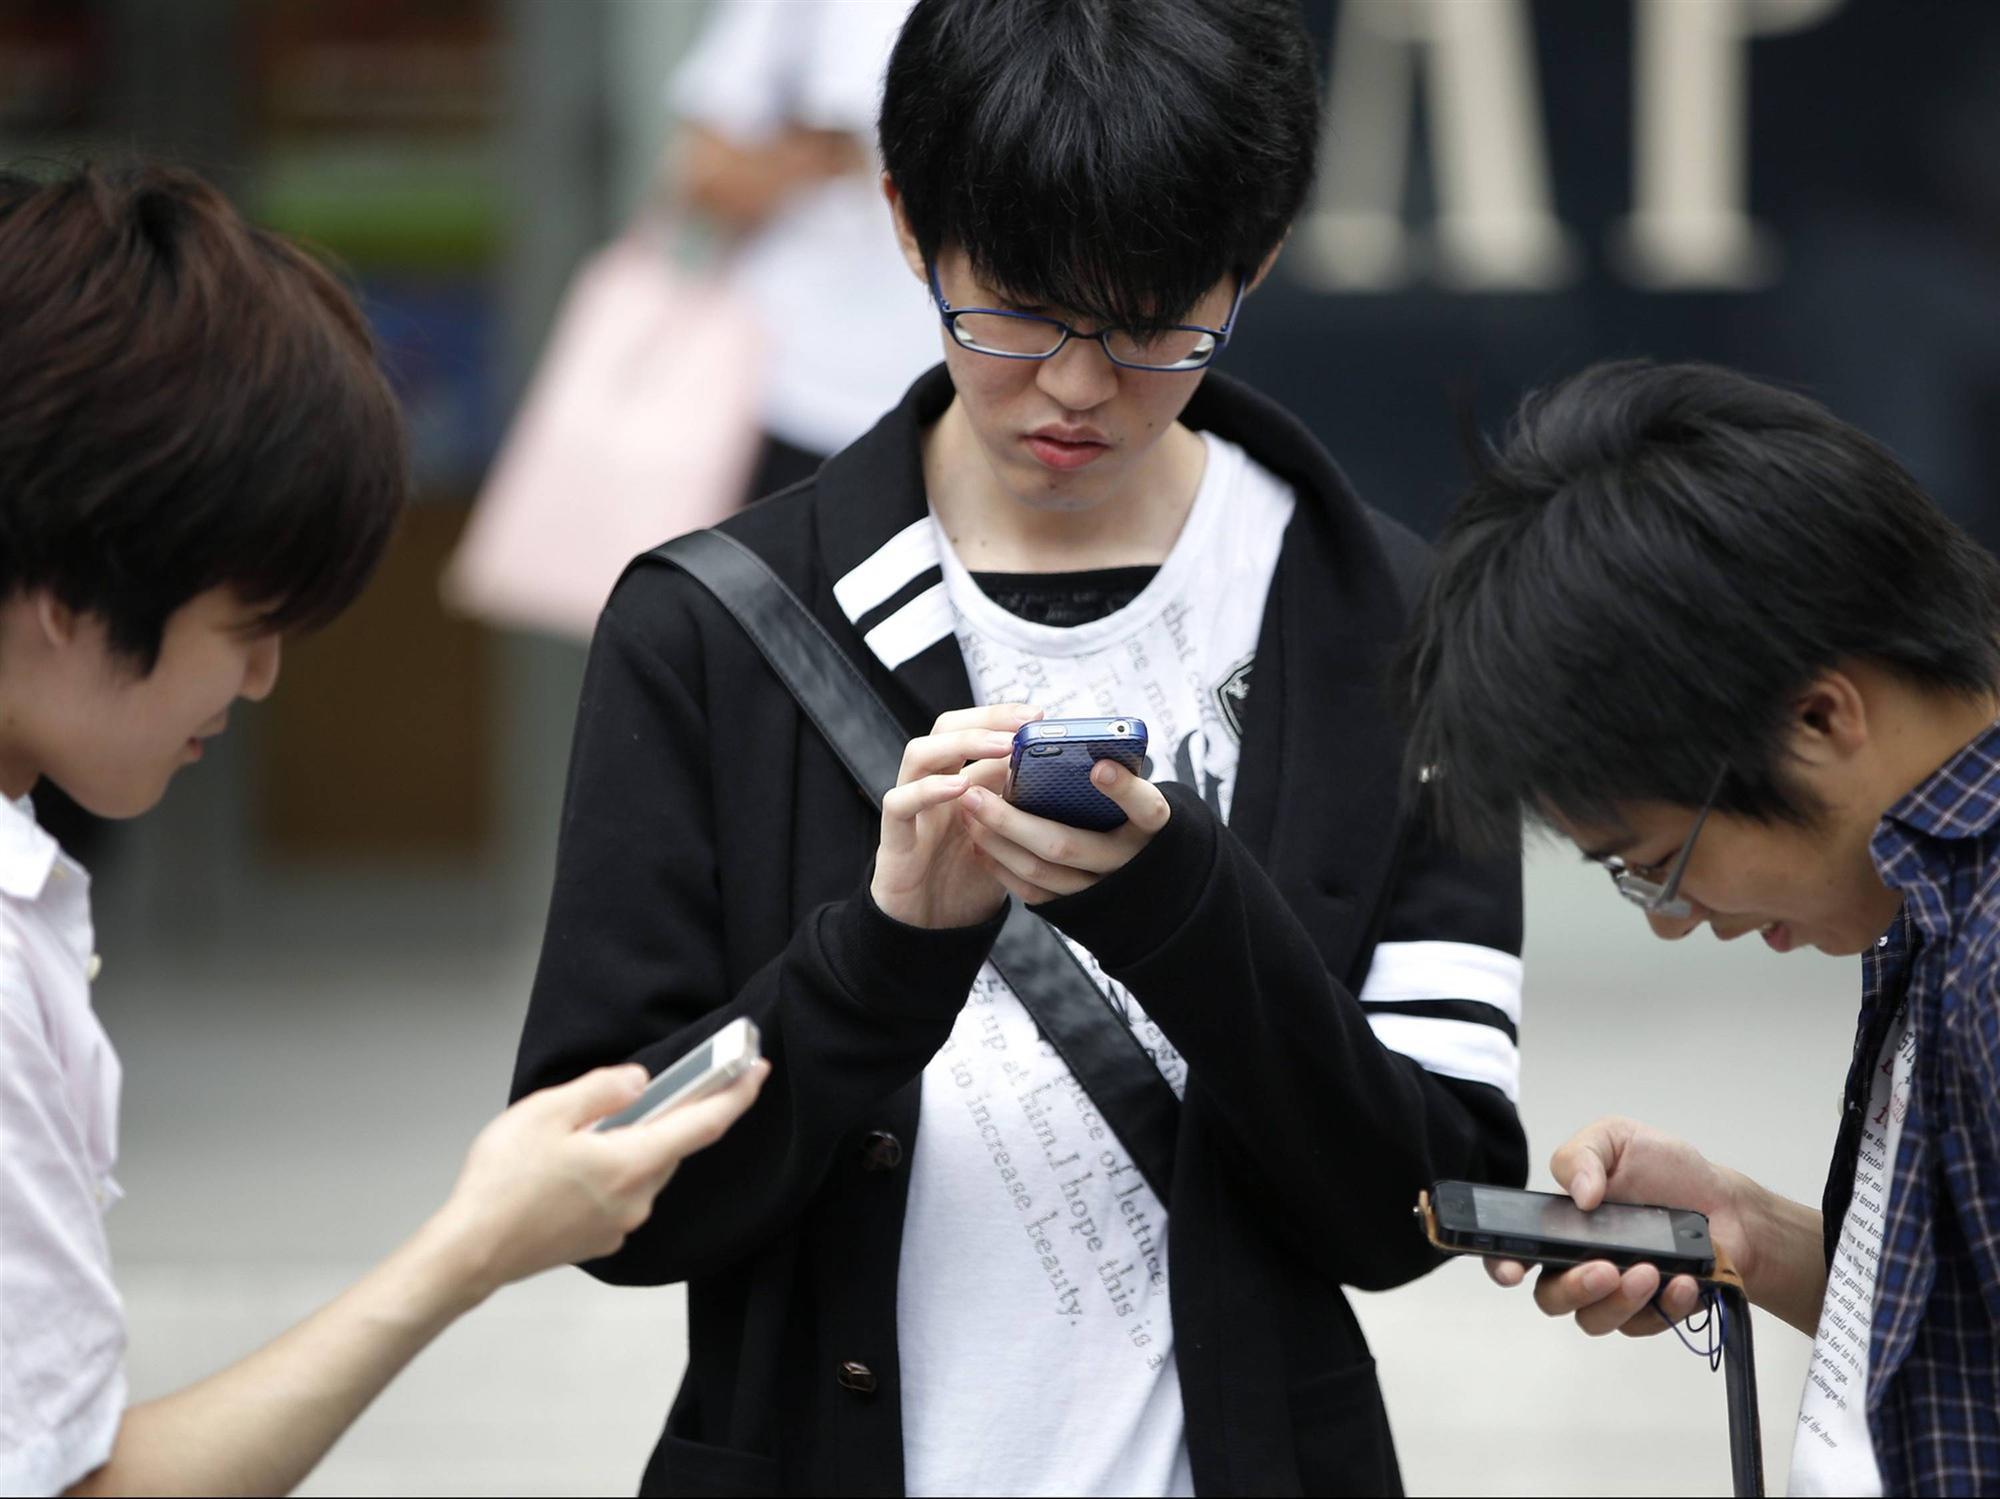 Loạt tuyệt chiêu cai nghiện điện thoại hay ho của các phụ huynh Tây, cha mẹ Việt rất nên tham khảo-5